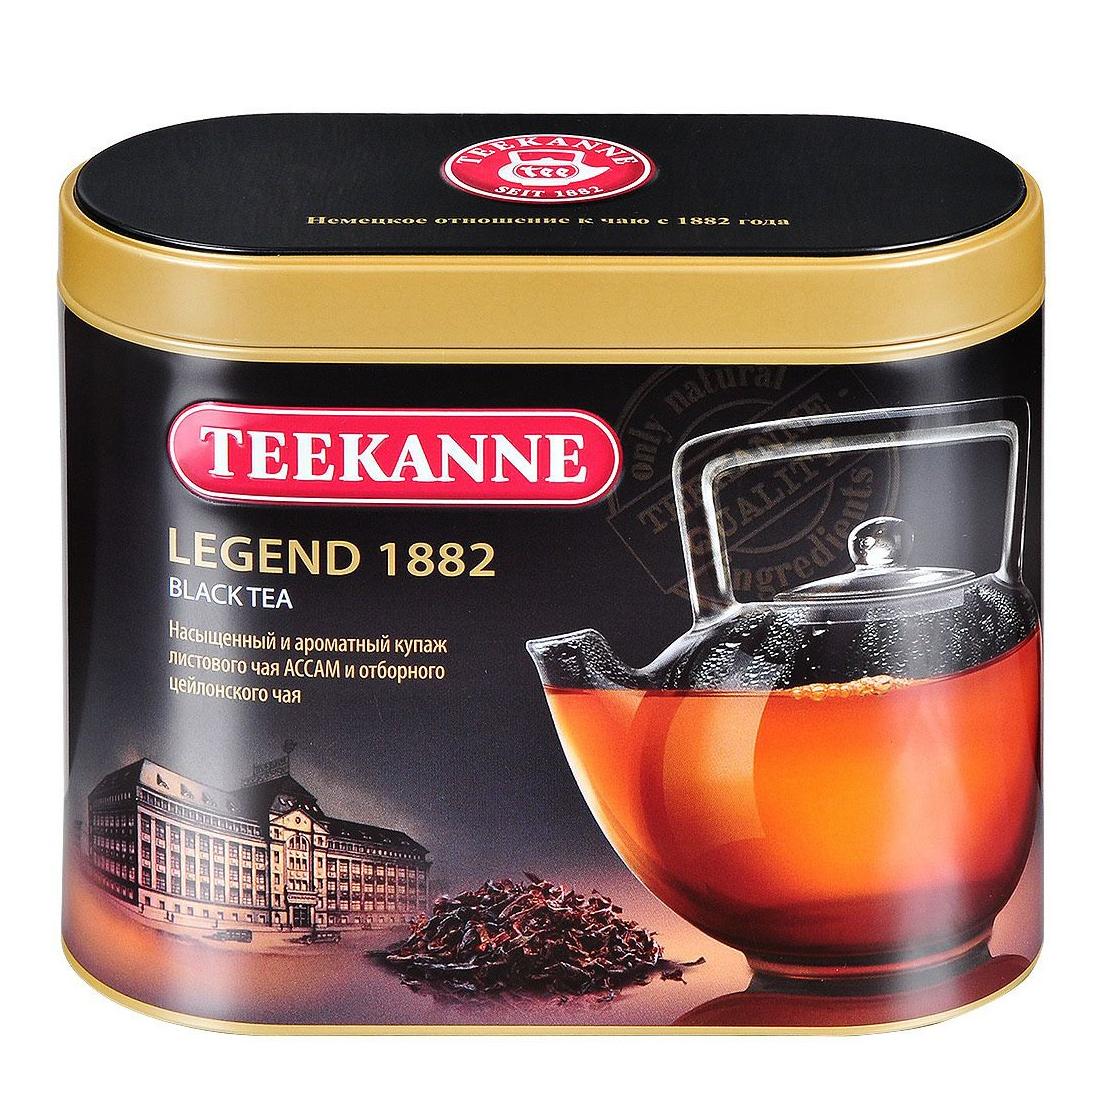 Чай черный Teekanne Legend 1882 листовой 150 г чай черный teekanne черная смородина гранат листовой 150 г